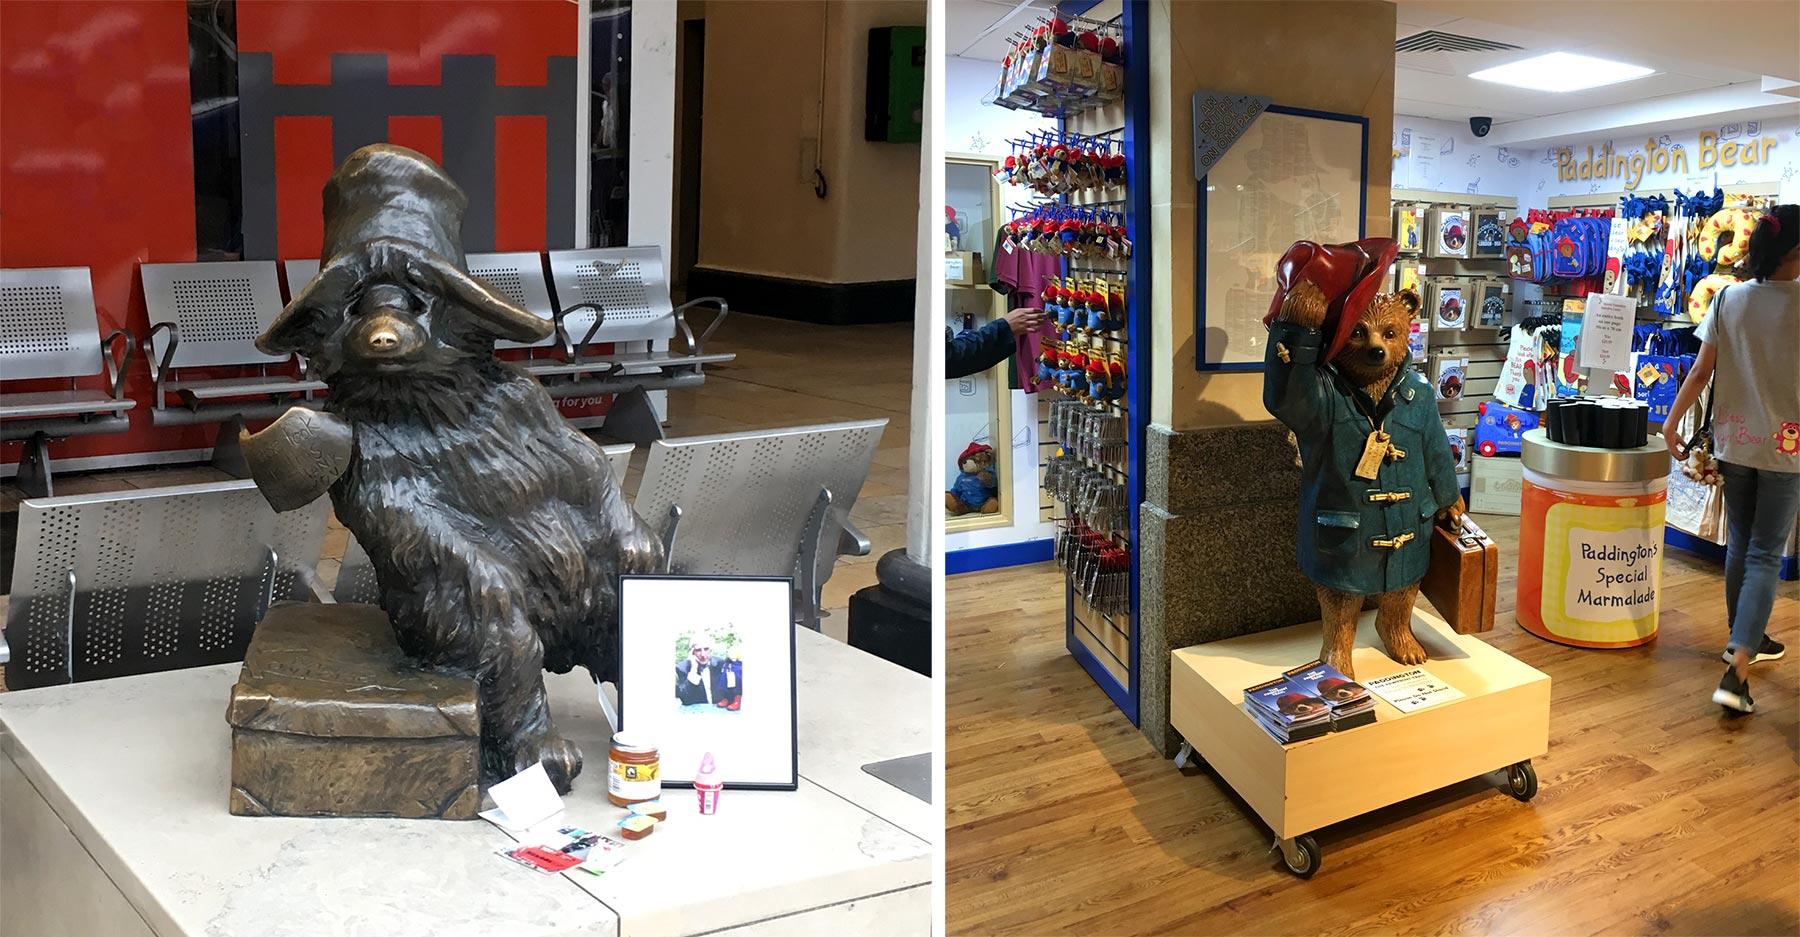 L'ours Paddington à Londres